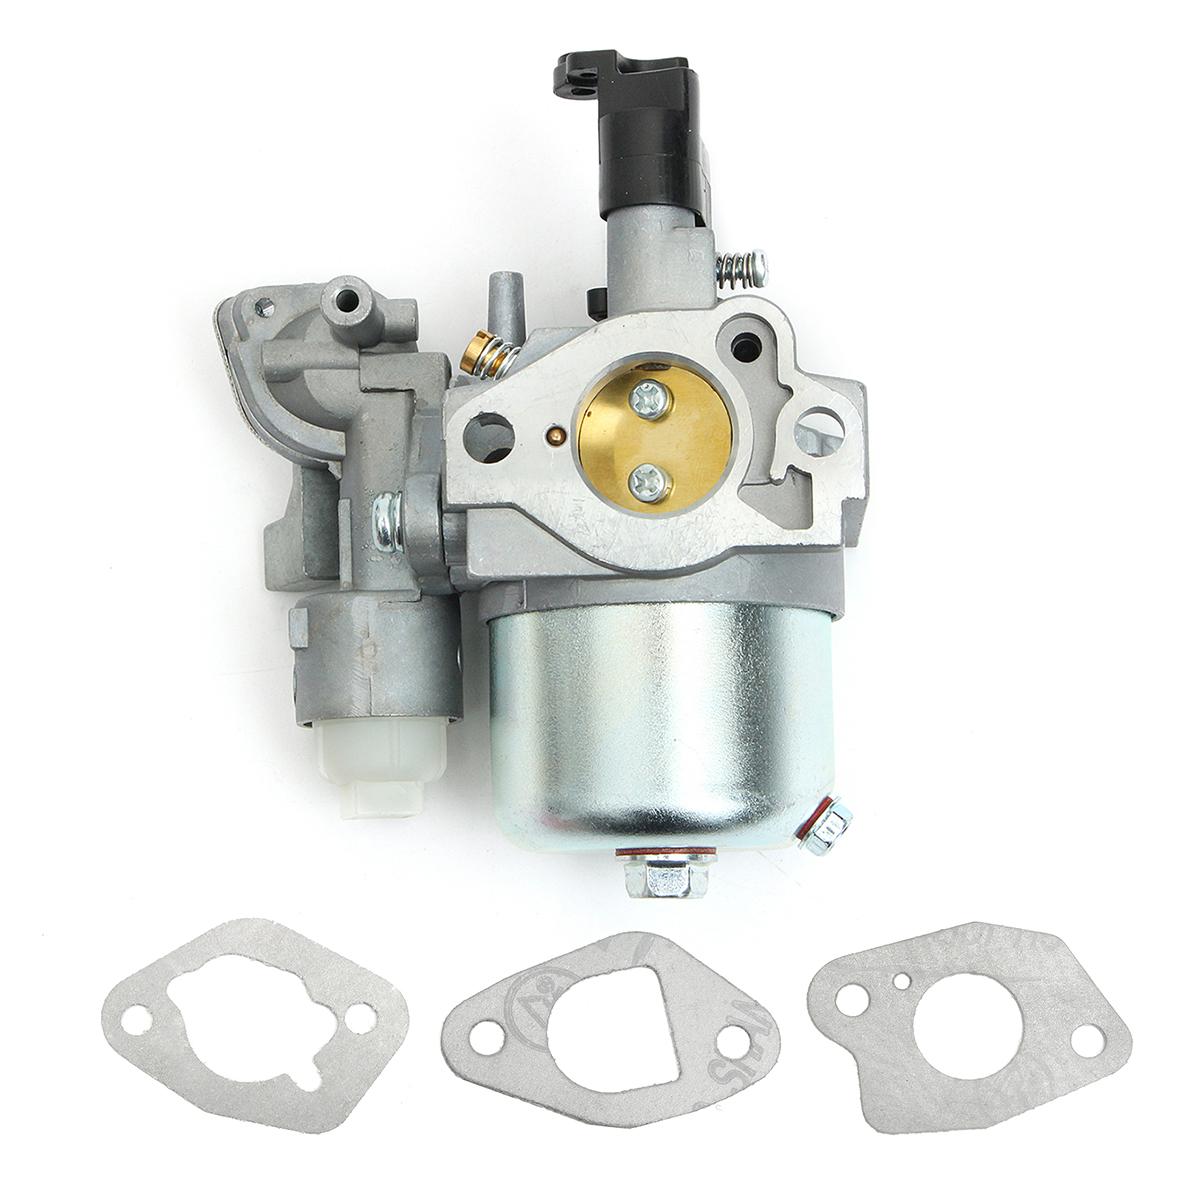 Карбюратор Carb W / Прокладки для Subaru Robin EX17 EX 17 Двигатель Мотор 277-62301-50 - фото 2